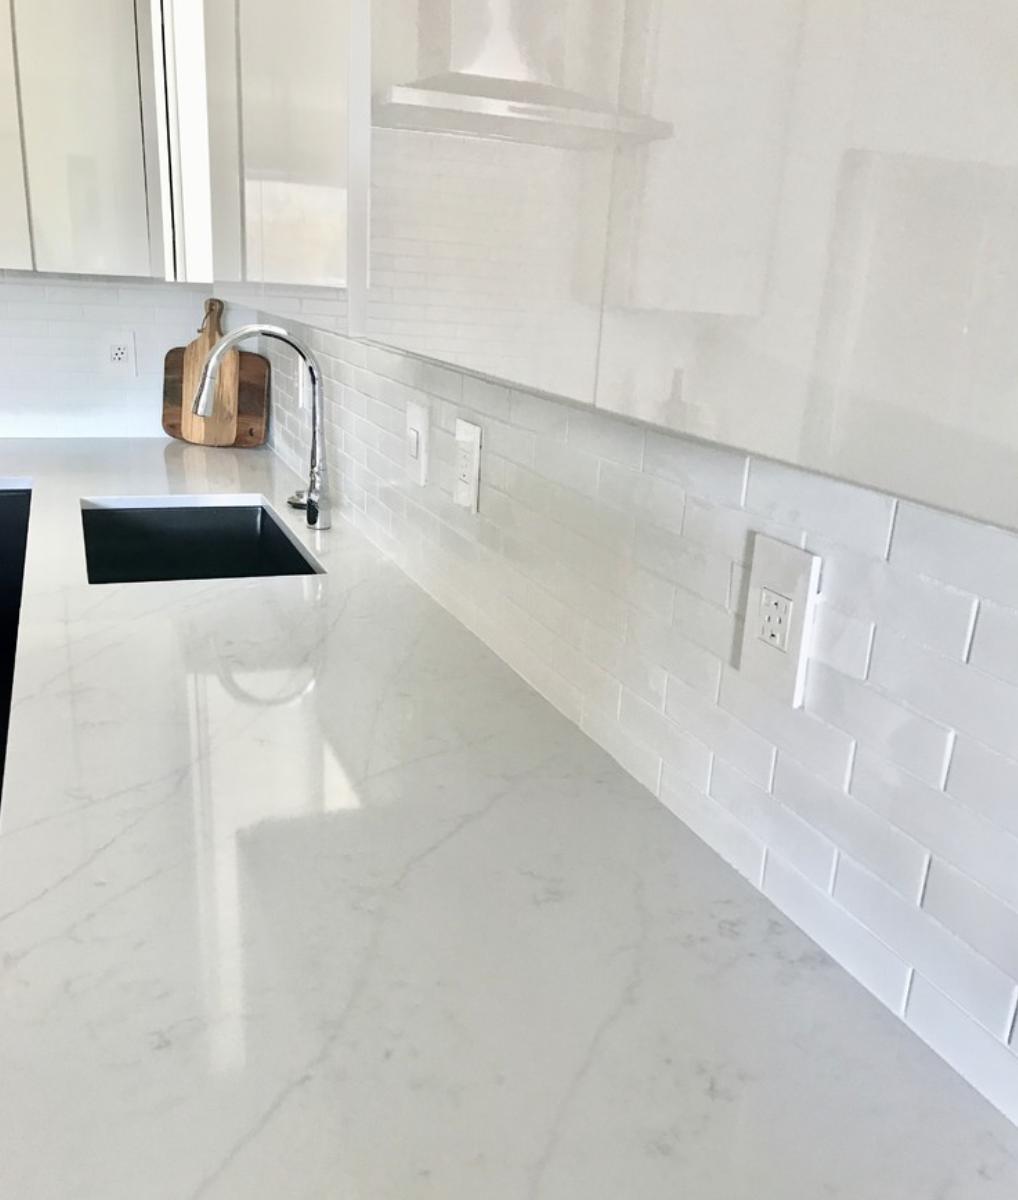 Comment Installer Un Comptoir De Cuisine color suggestions for quartz kitchen countertops | comptoir